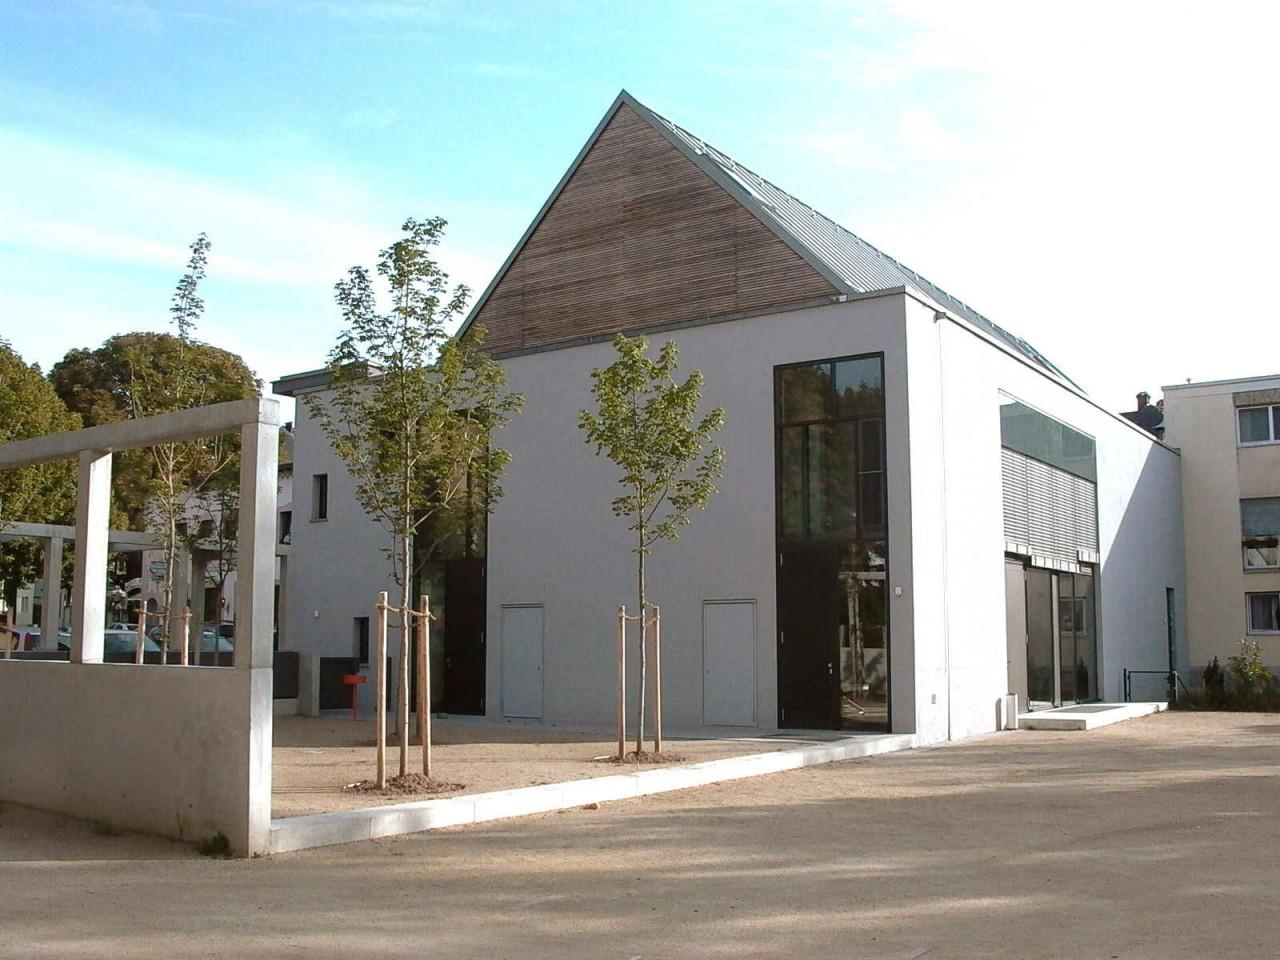 Drei Eins – Architektur- und Stadtplanungsbüro in Frankfurt // Gemeindehaus Bornheim, Ffm